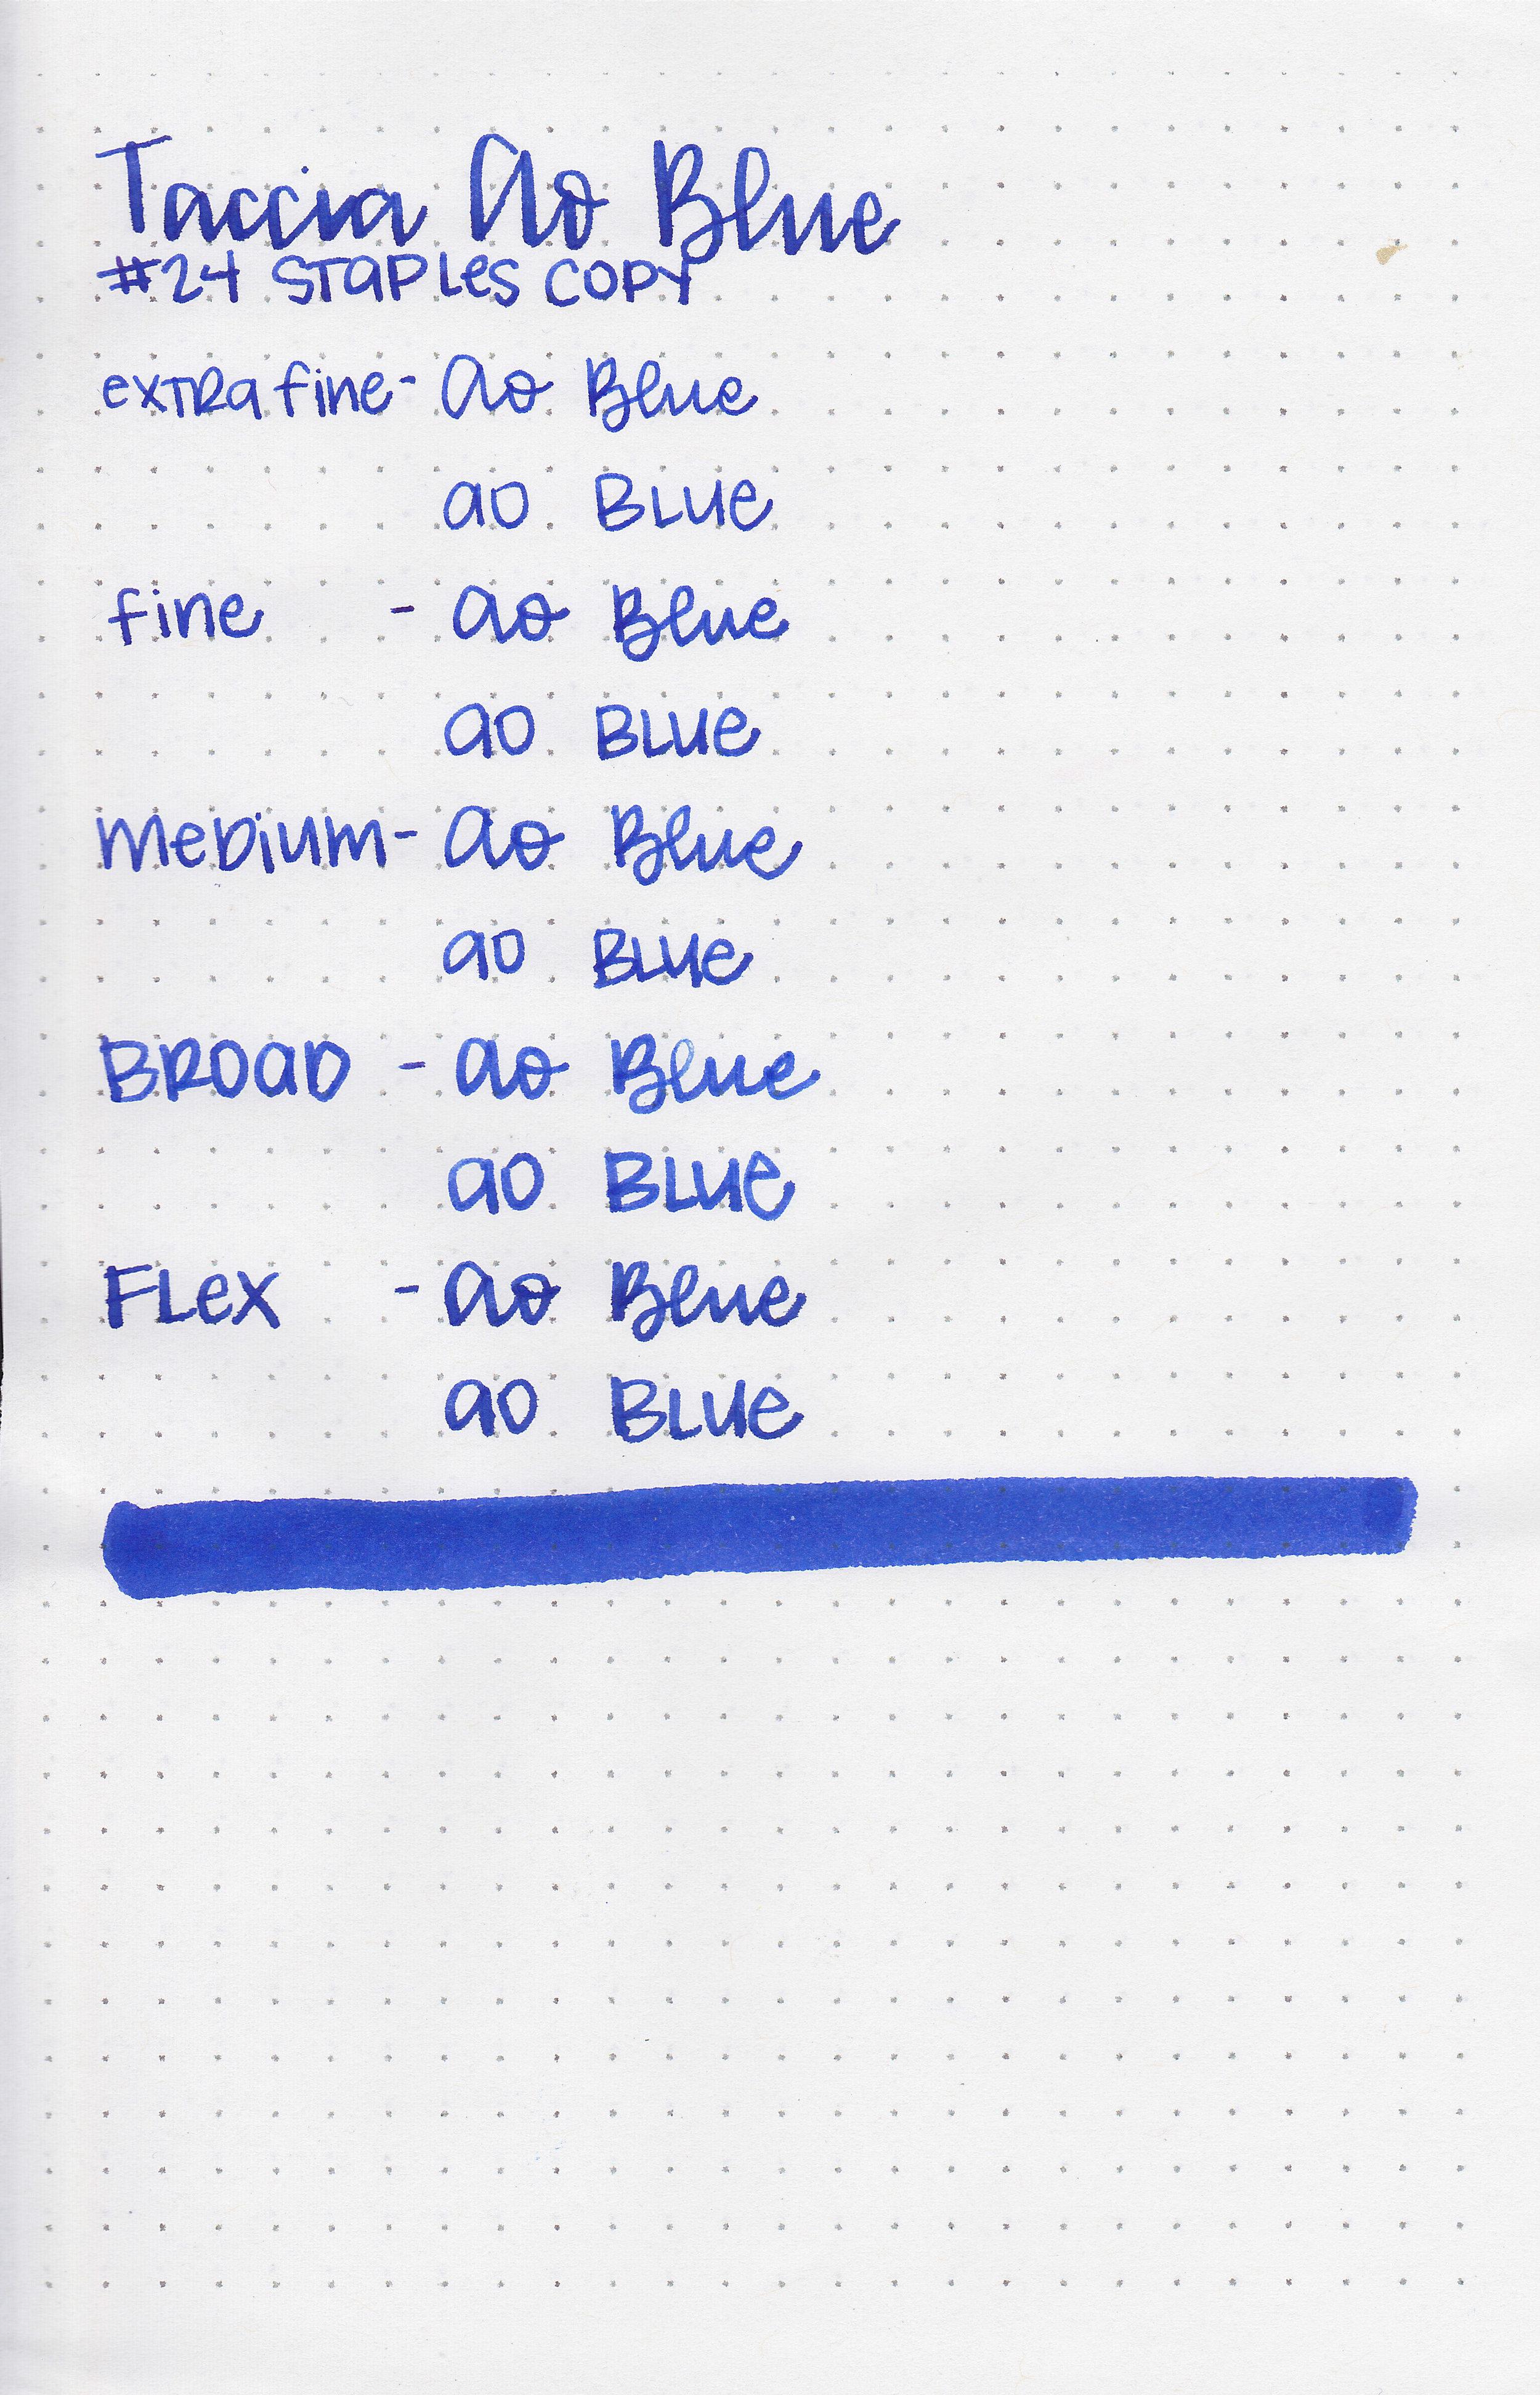 tac-ao-blue-1.jpg